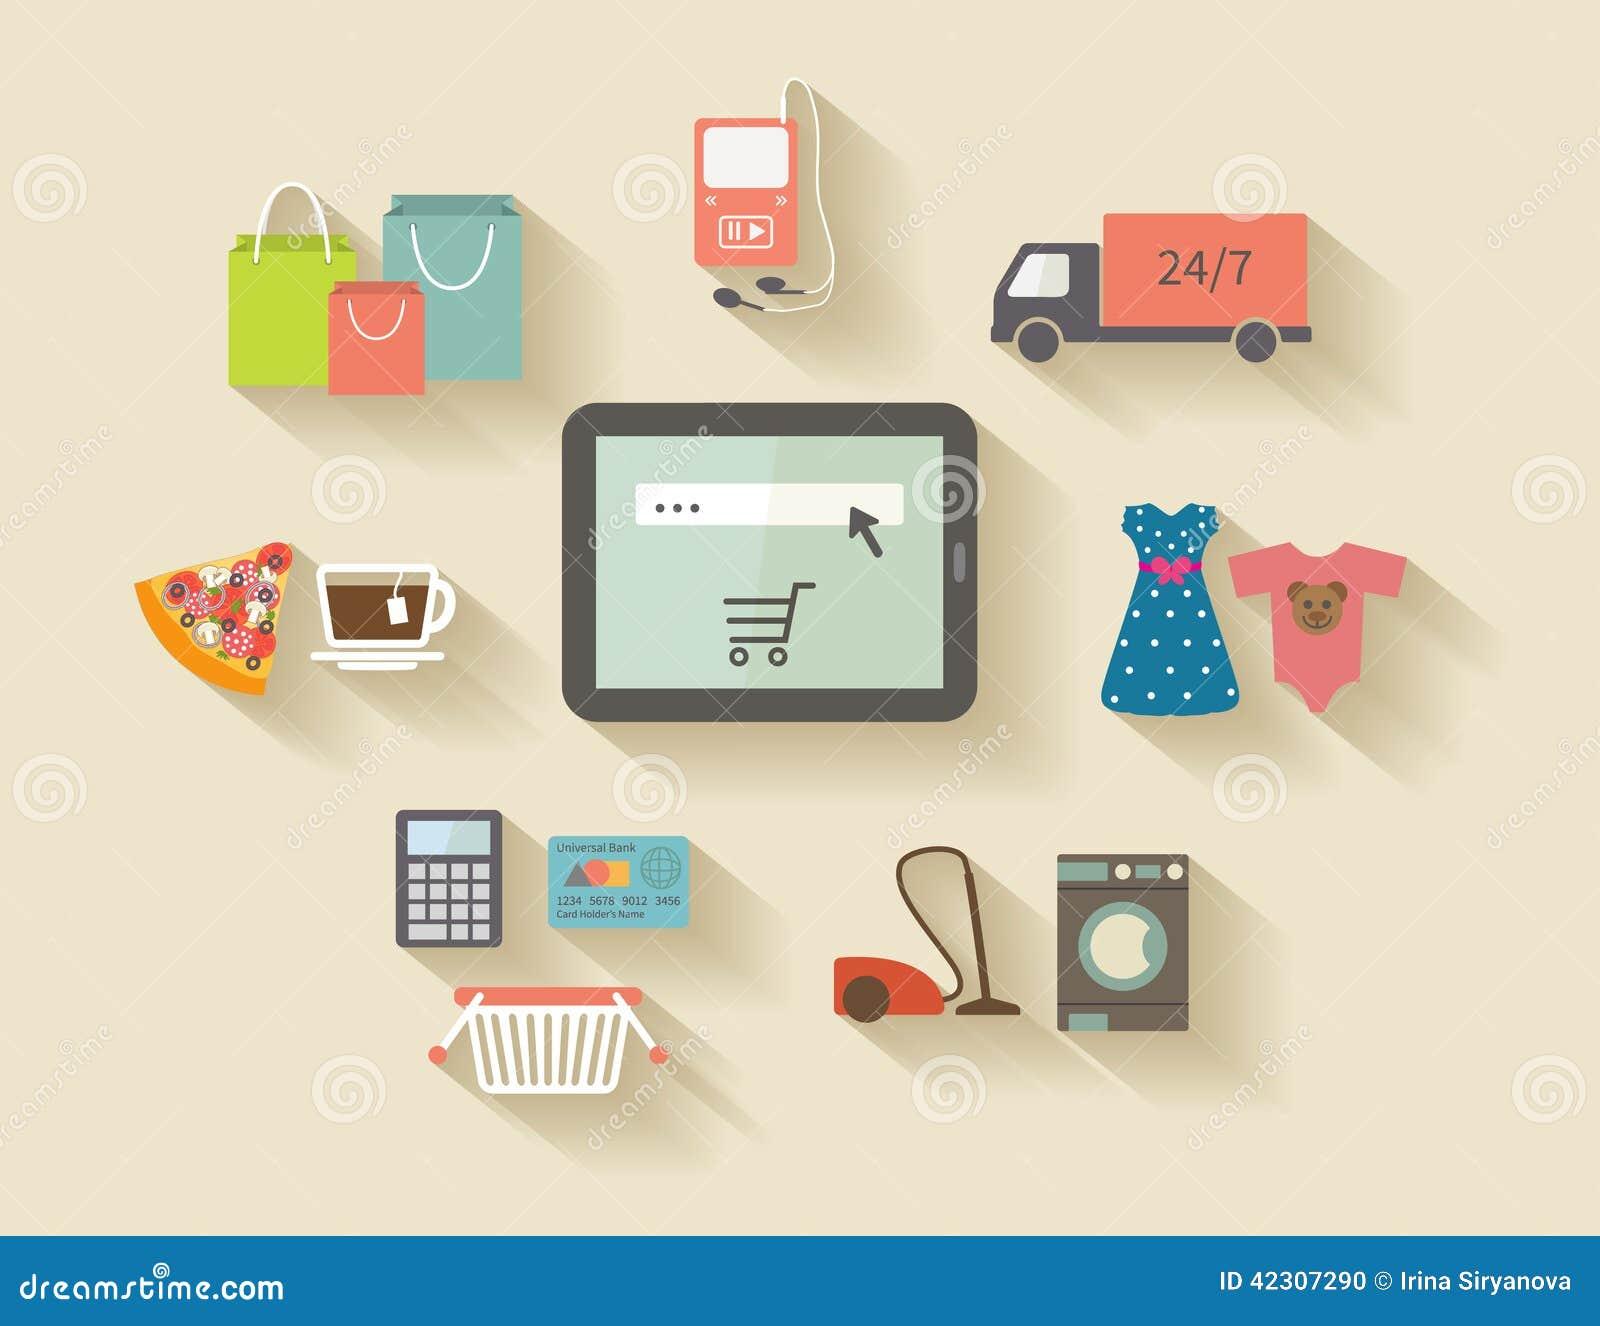 Internetshopping, e-kommers begrepp inställda symboler